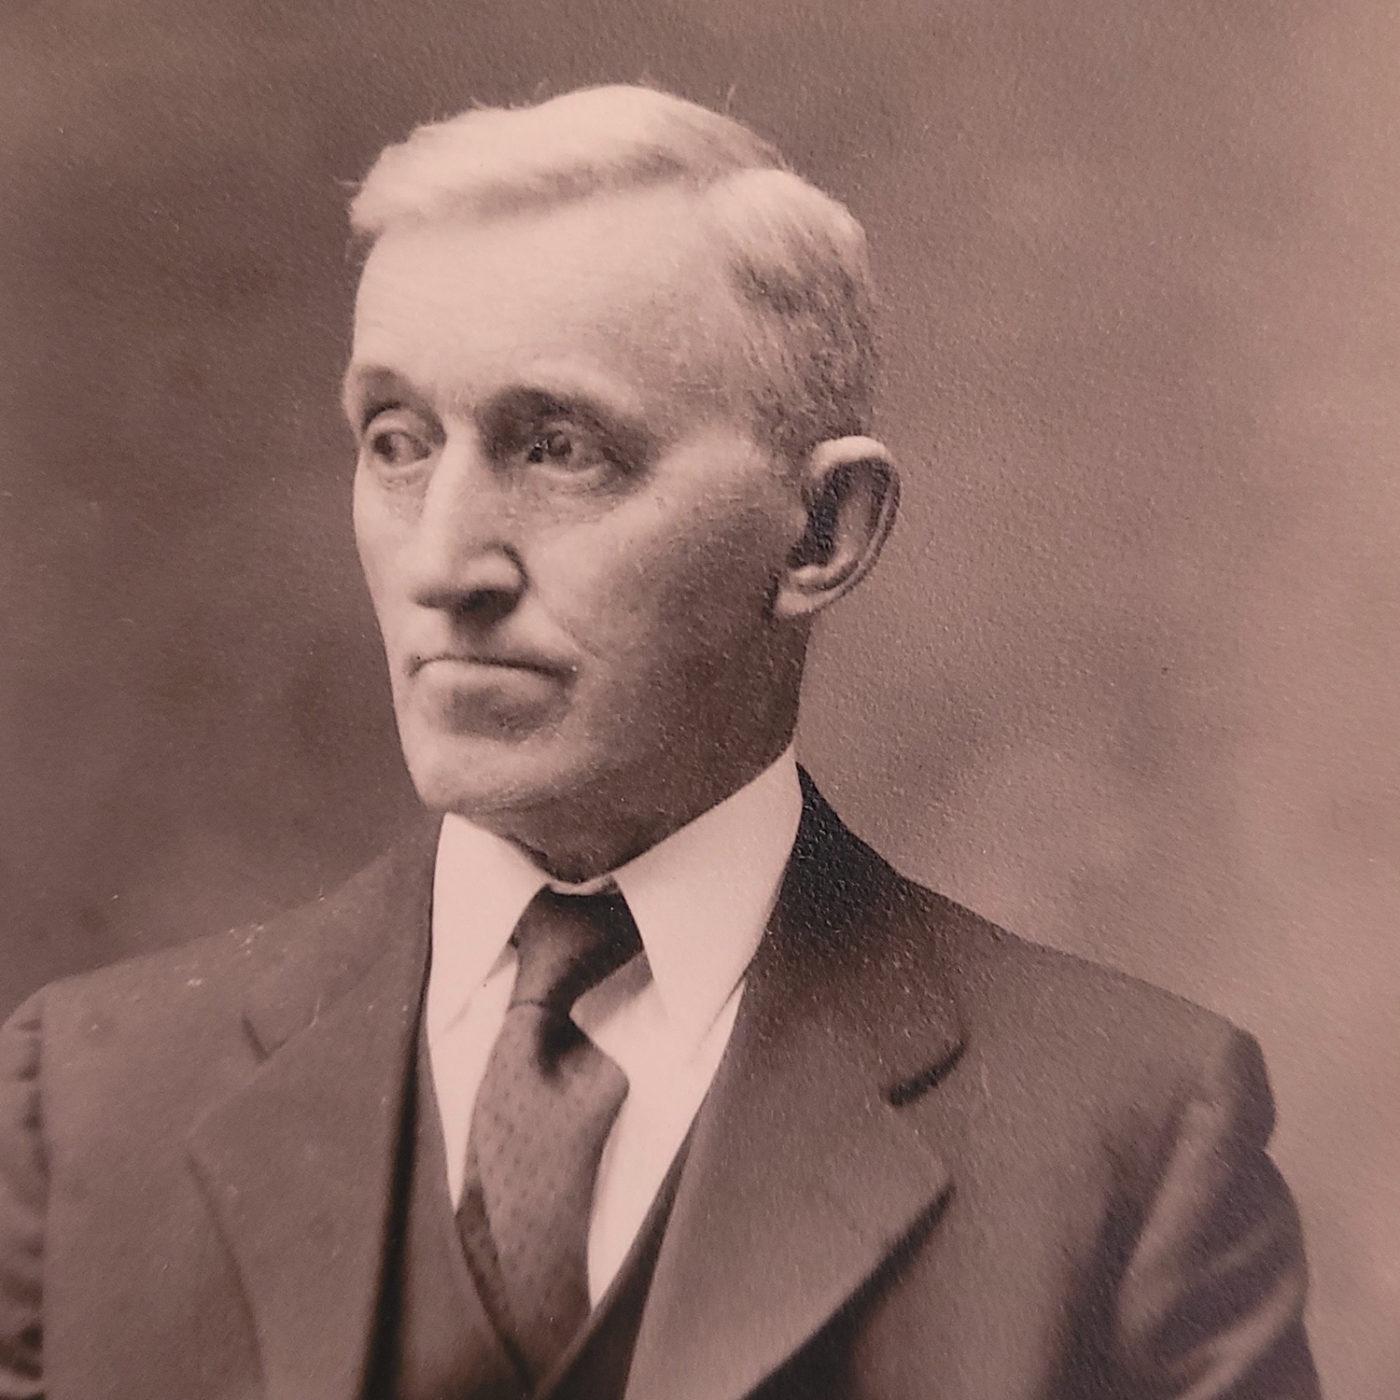 Reynolds 1942